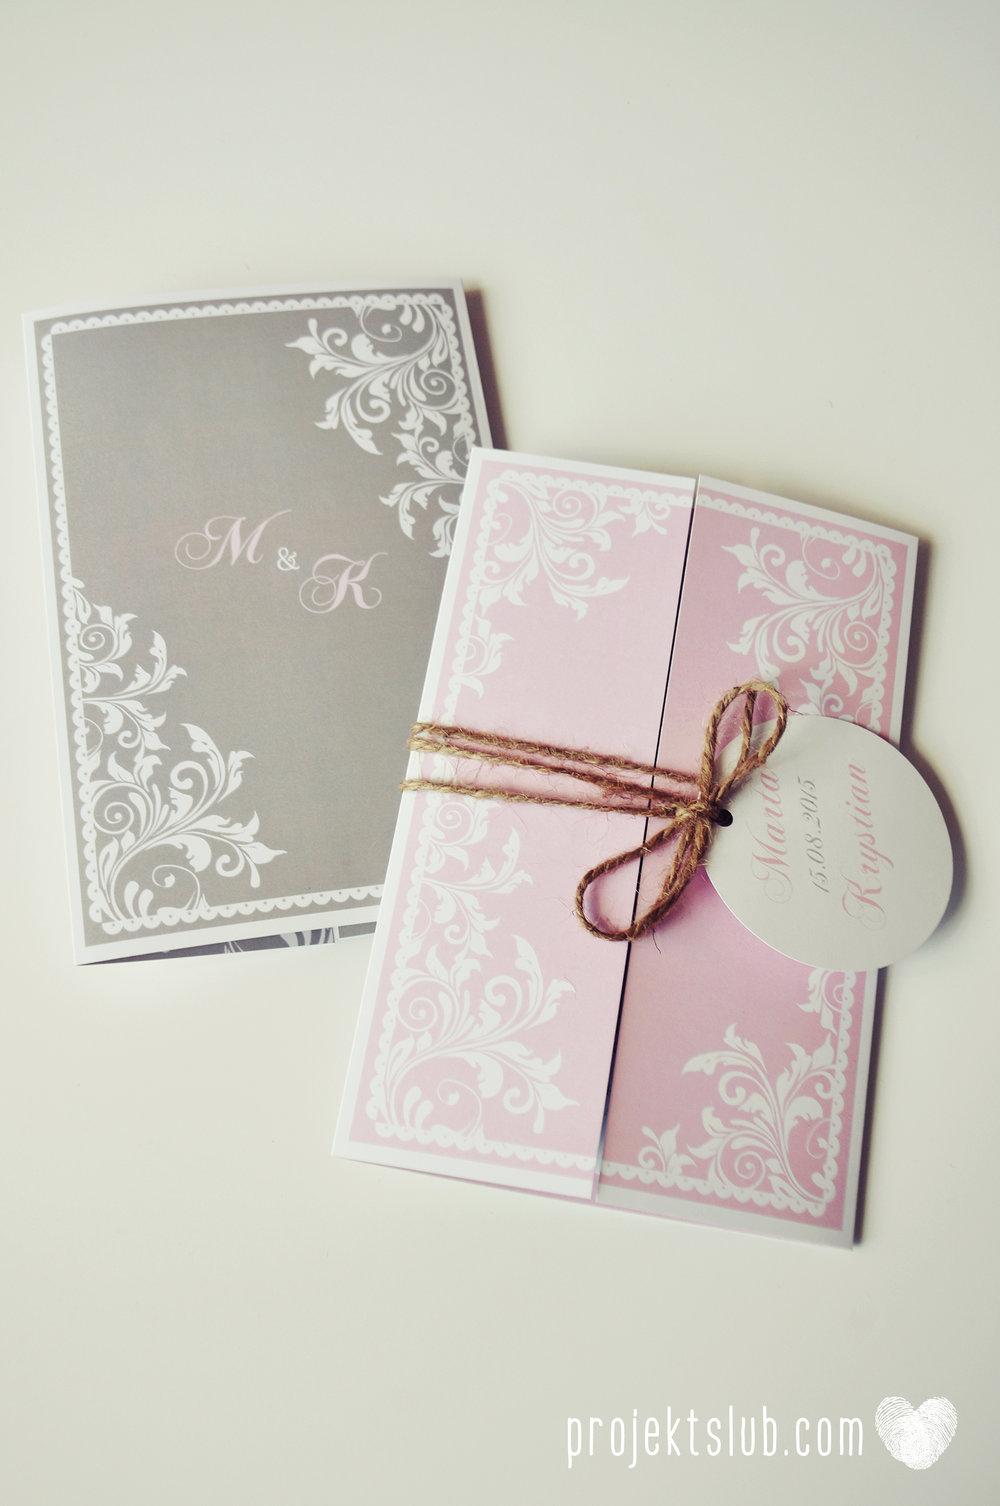 Zaproszenie ślubne oryginalne eleganckie duży format ołtarzykowe floral love rustykalne pastelove Projekt Ślub (4).JPG